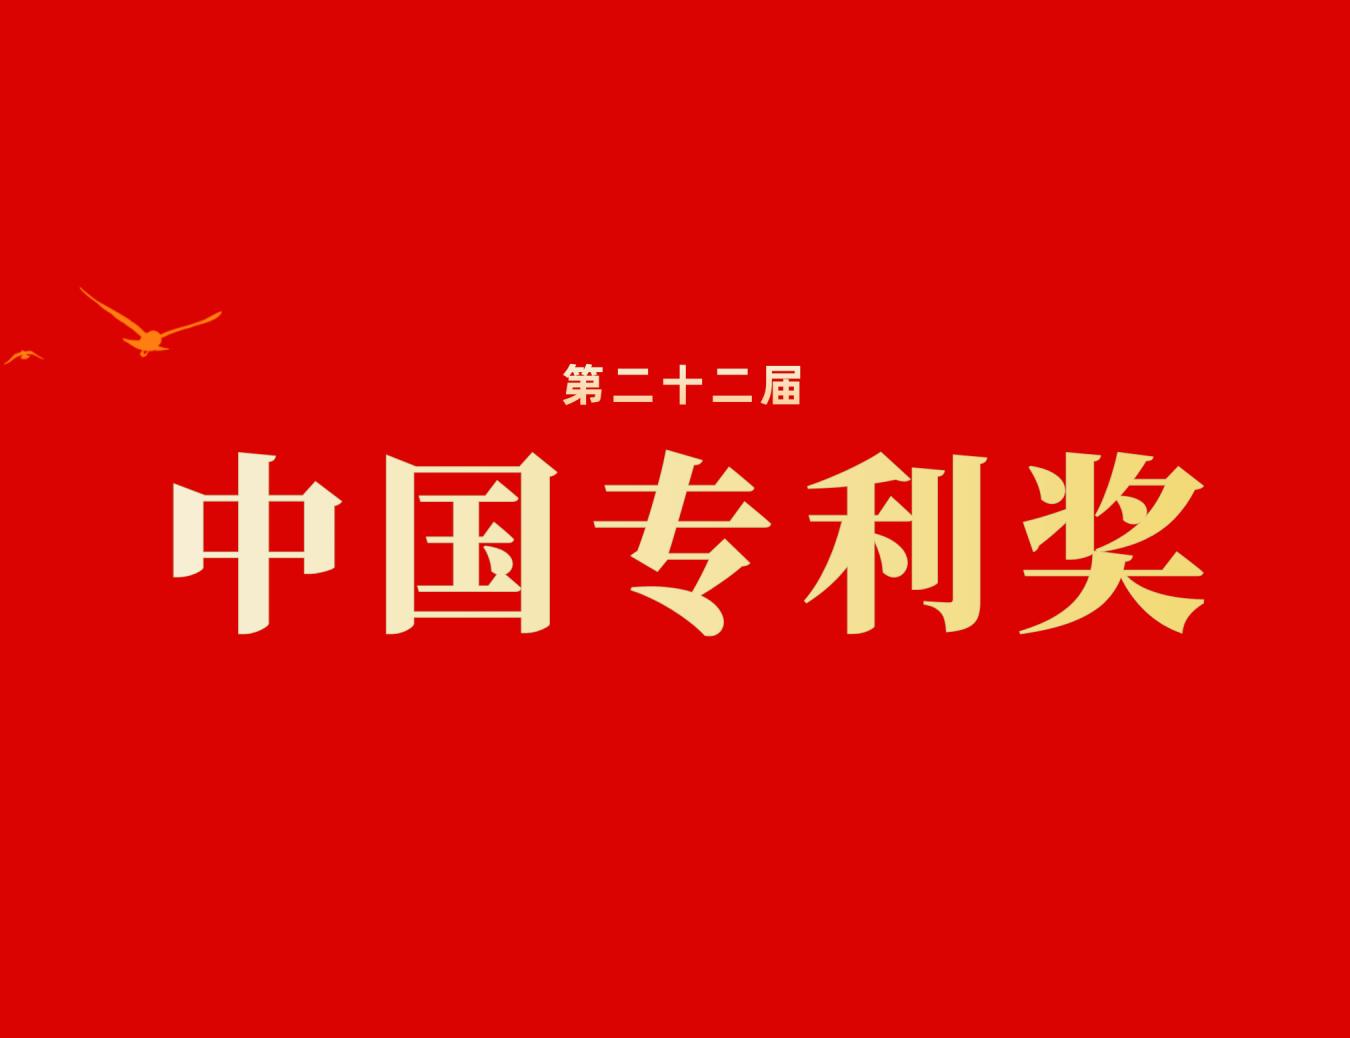 喜报!热烈祝贺我协会员企业34项项目上榜第22届中国专利奖!